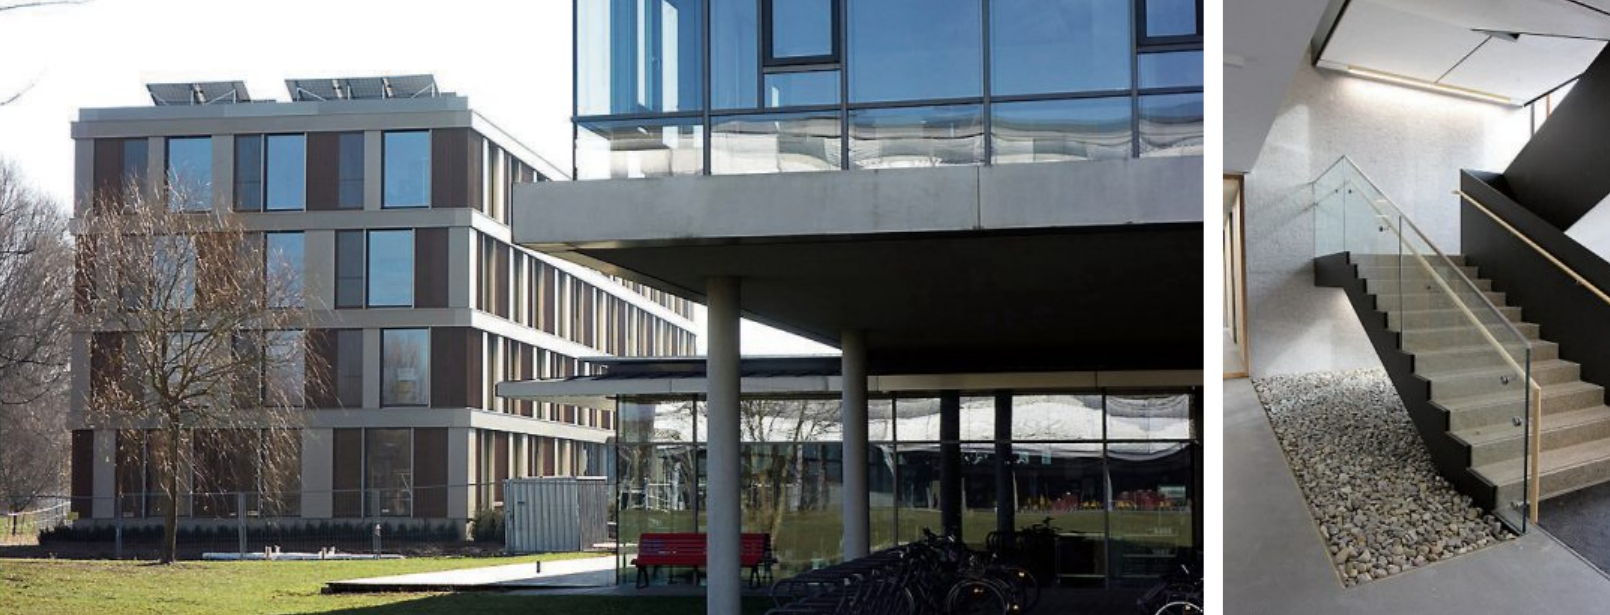 Der Erweiterungsbau ist nicht mit dem Hauptgebäude verbunden, Besucher erreichen das neue Gebäude über die Glashalle im Hauptgebäude. Fliesen, Kiesel und Terrazzo: Das Material Stein dominiert im Treppenaufgang.